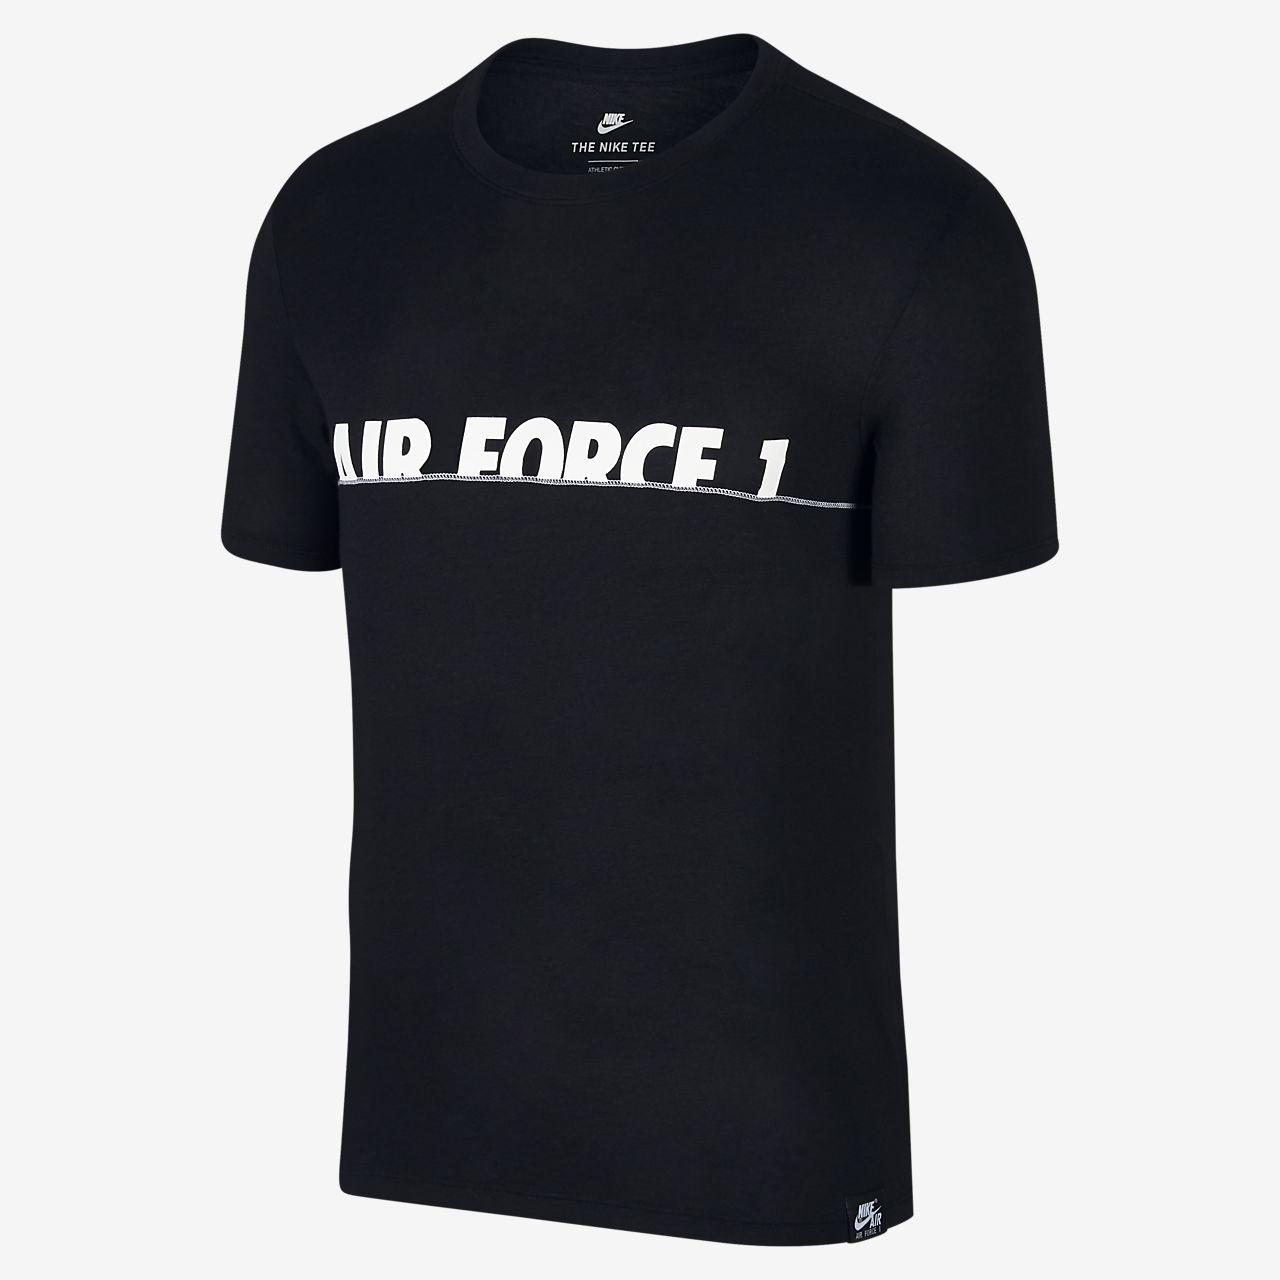 ナイキ スポーツウェア AF1 メンズ Tシャツ